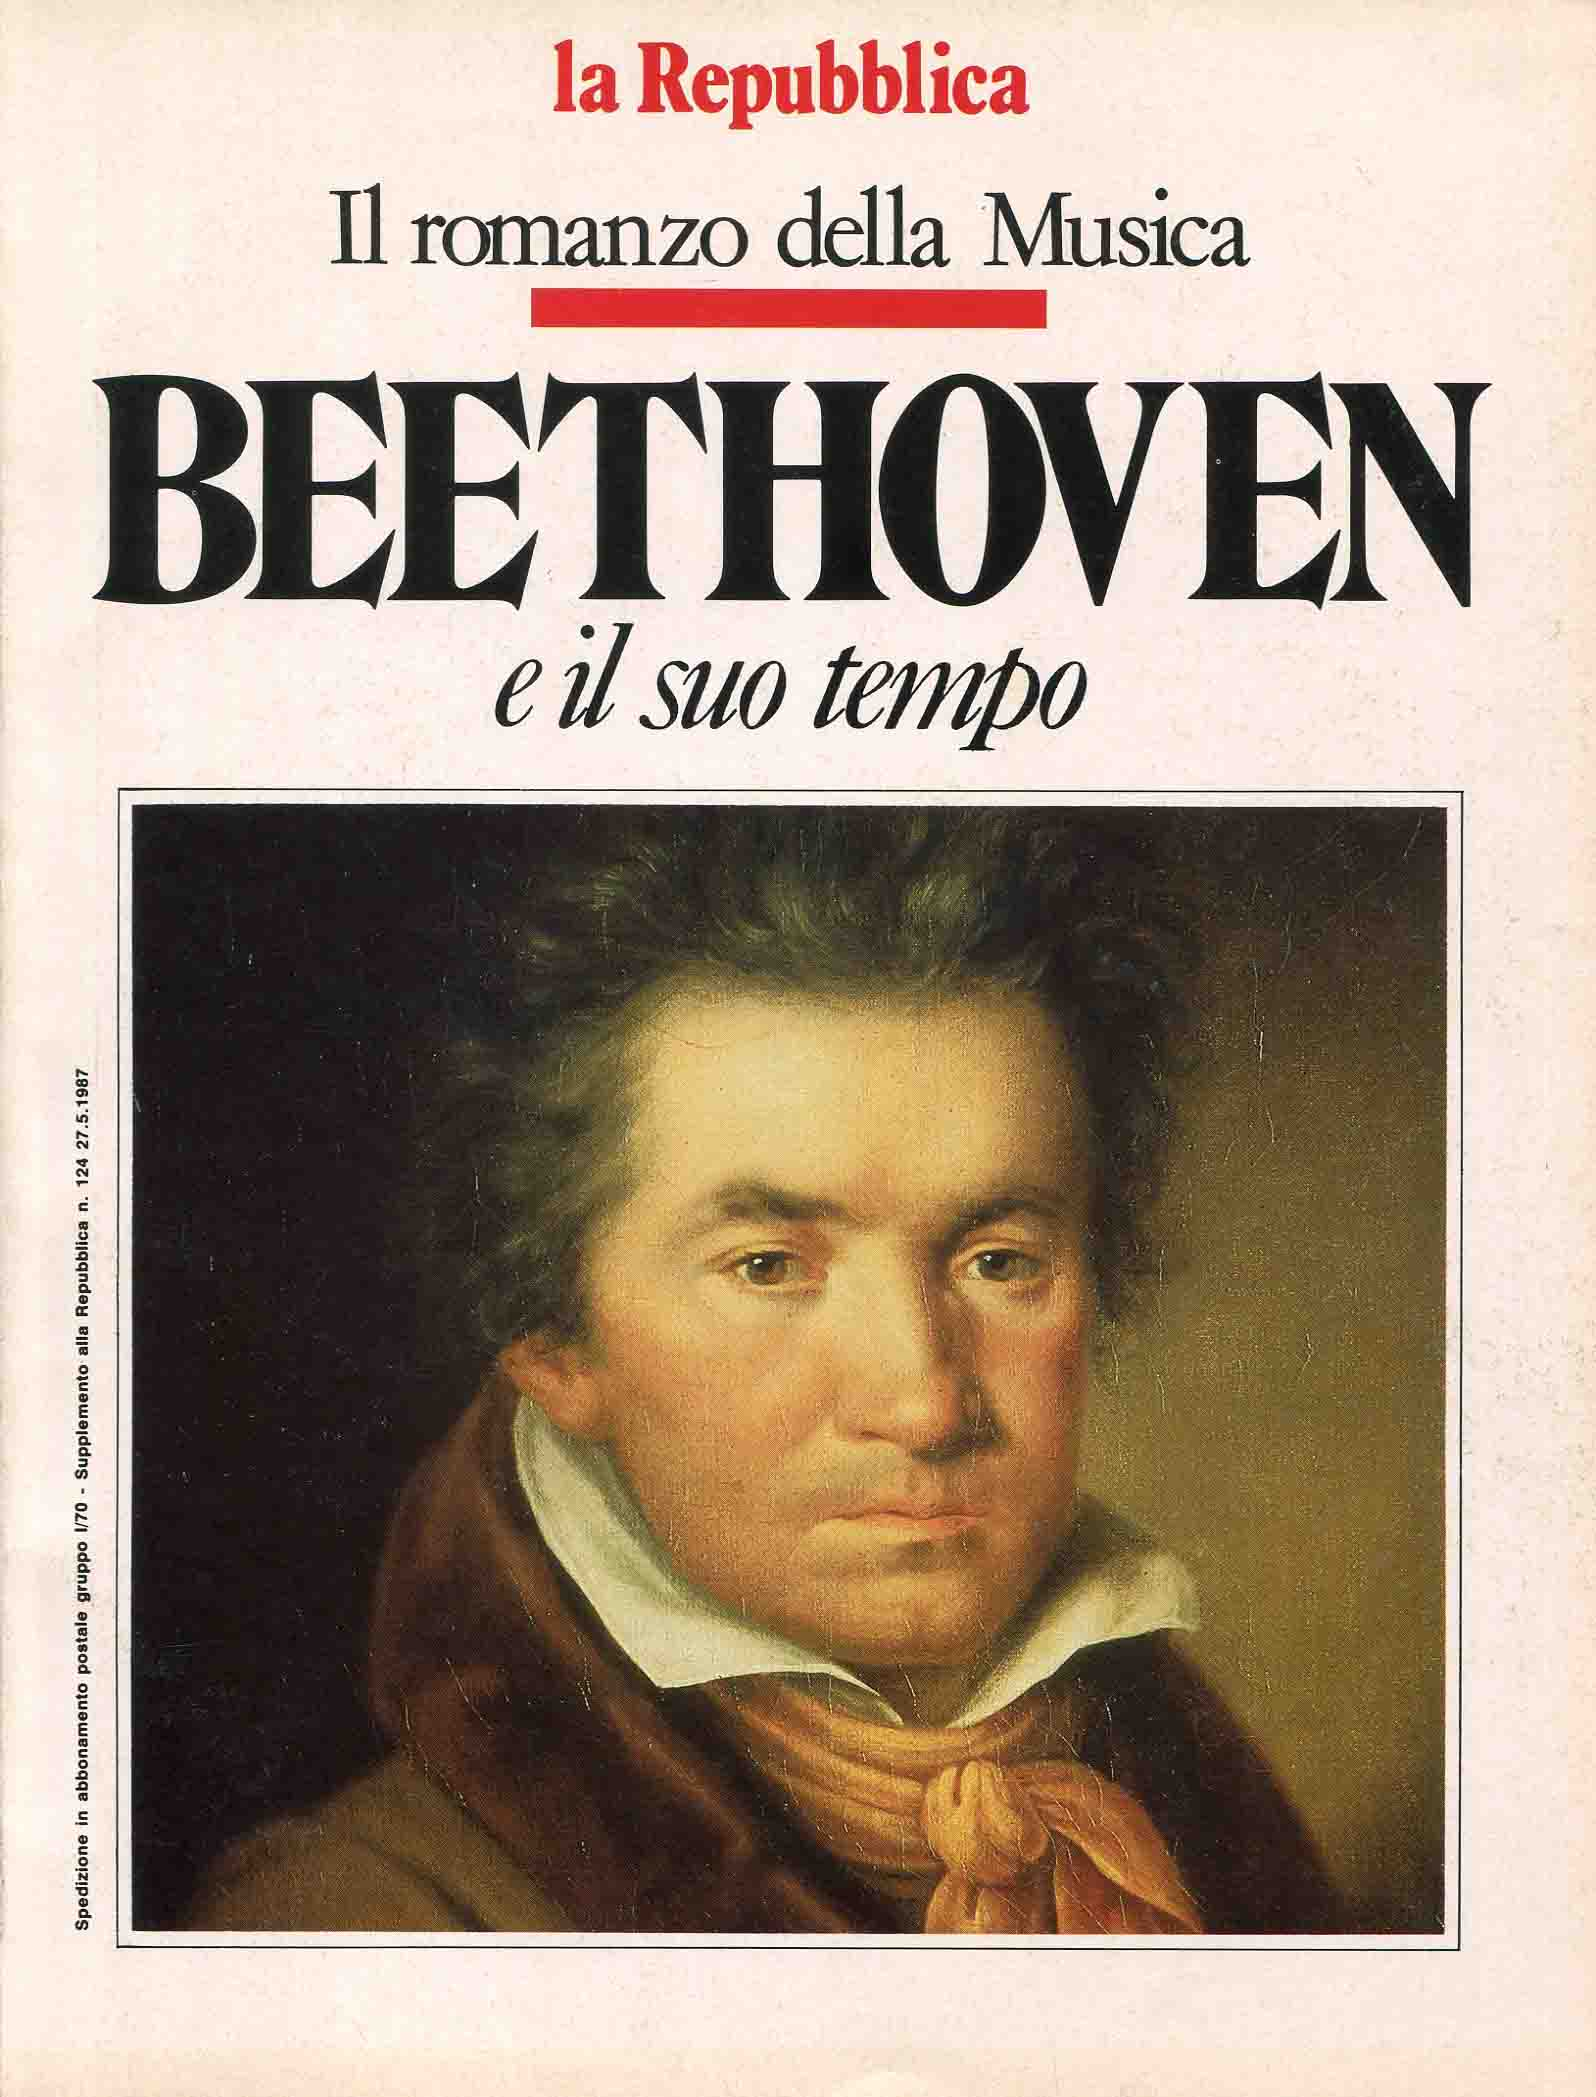 Beethoven e il suo tempo